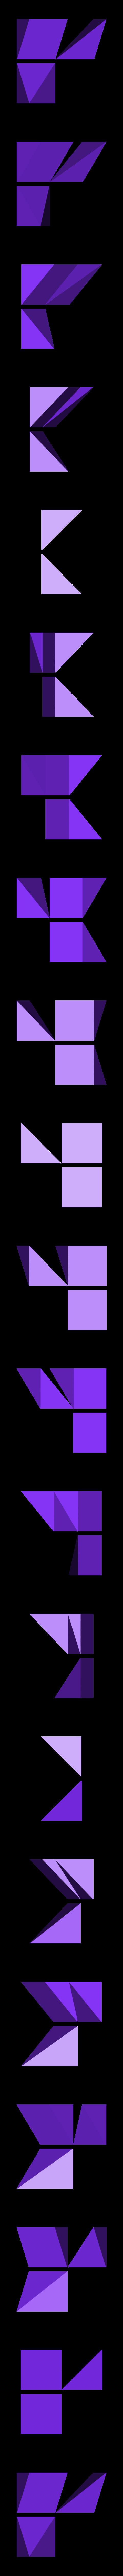 cube_all_three_pieces.stl Télécharger fichier STL gratuit Liu Hui Cube Puzzle / Dissection (Qiandu, Yangma, Bie'nao) • Plan imprimable en 3D, LGBU